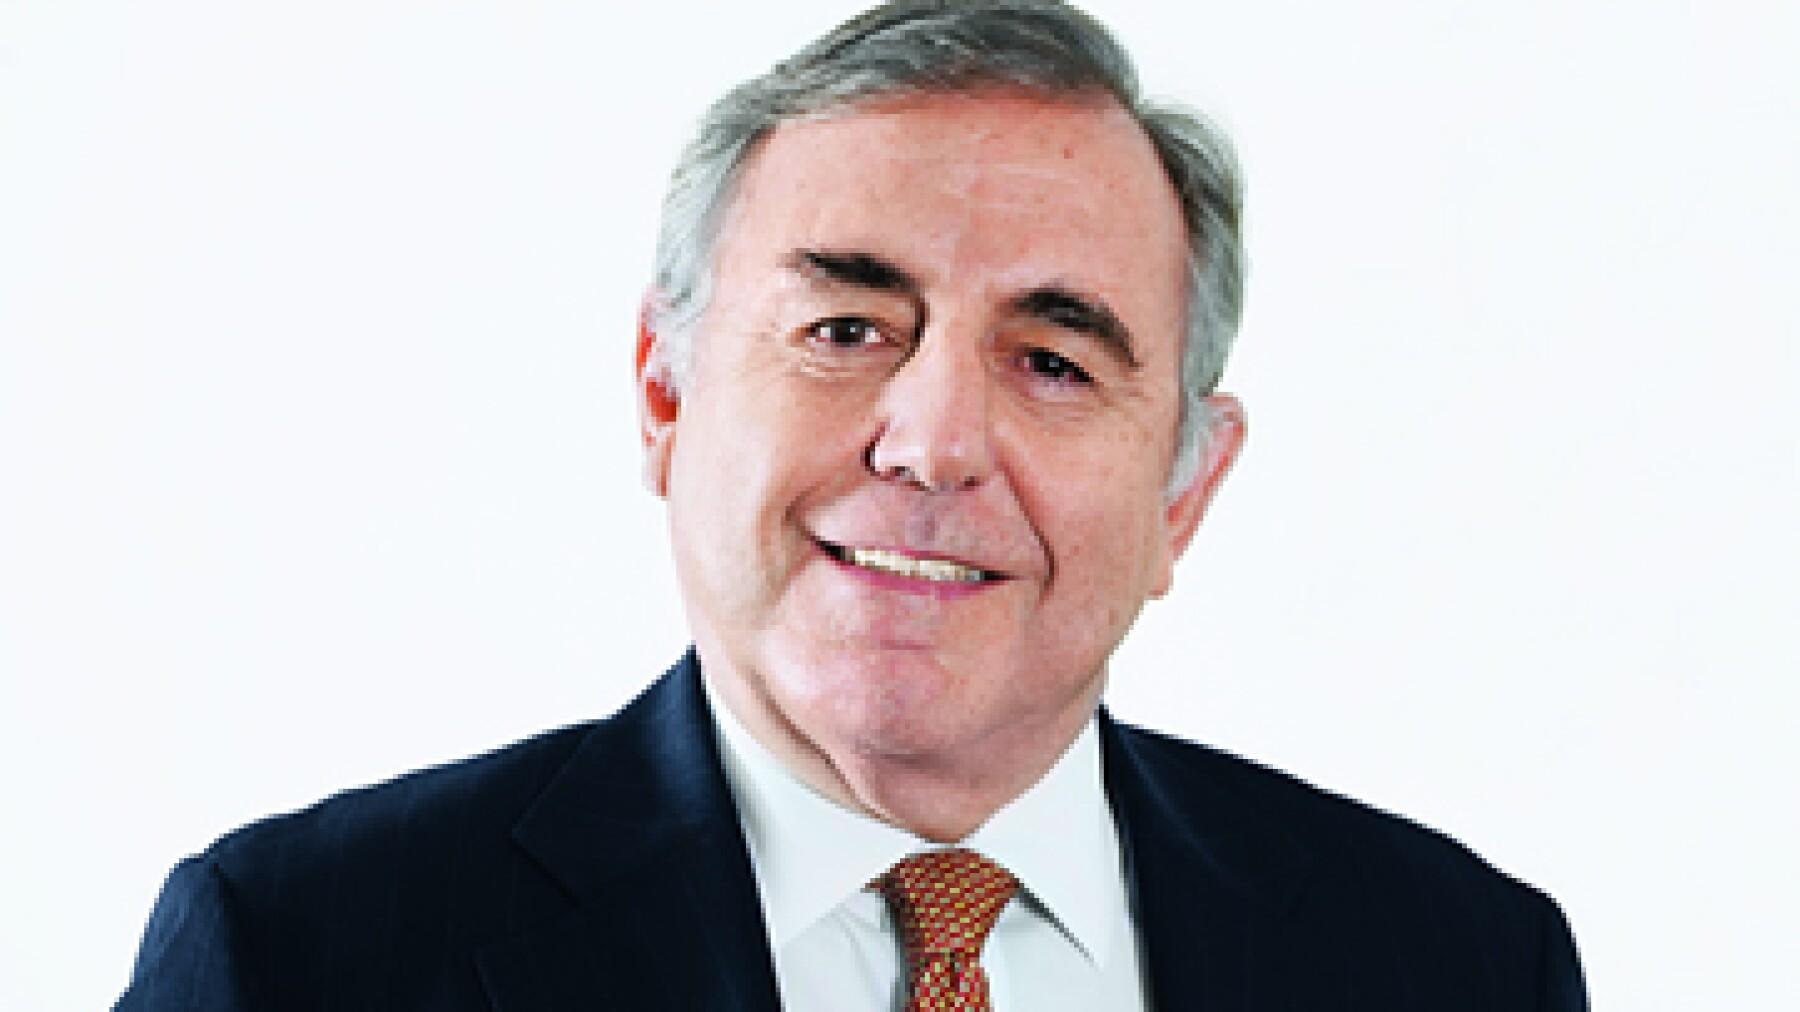 Eugenio Clariond ganó cuatro posiciones en el ranking 2012 de 'Los 100 empresarios más importantes de México'. (Foto: Abigail Guzmán)